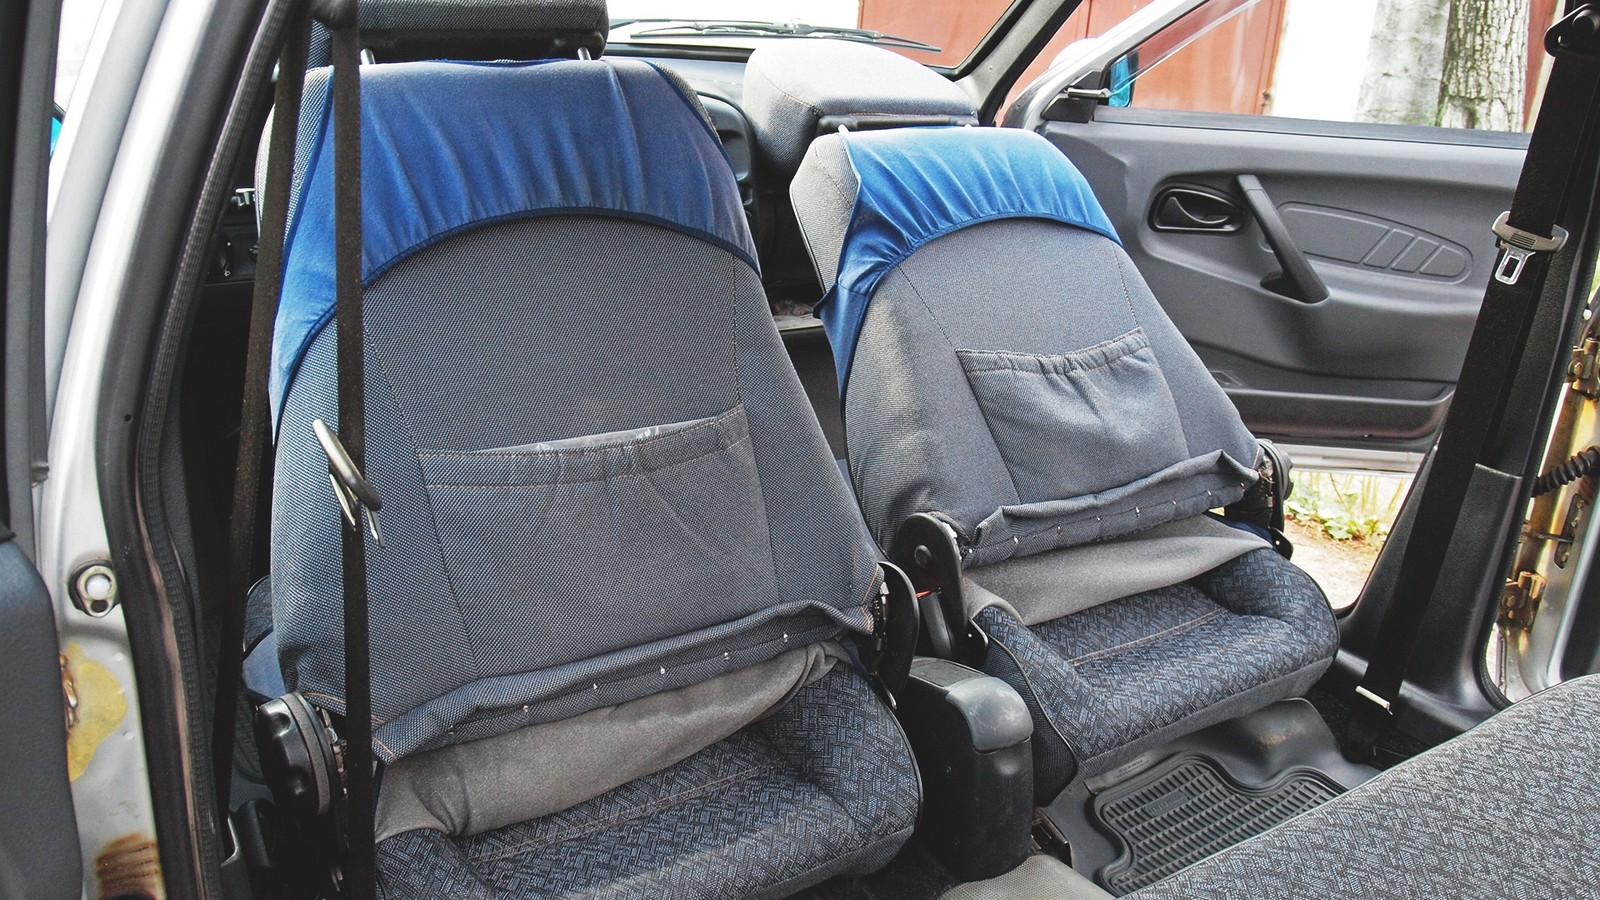 Двухдверное наследие: спинки передний сидений ВАЗ-2115 откидываются, как на «восьмерке»